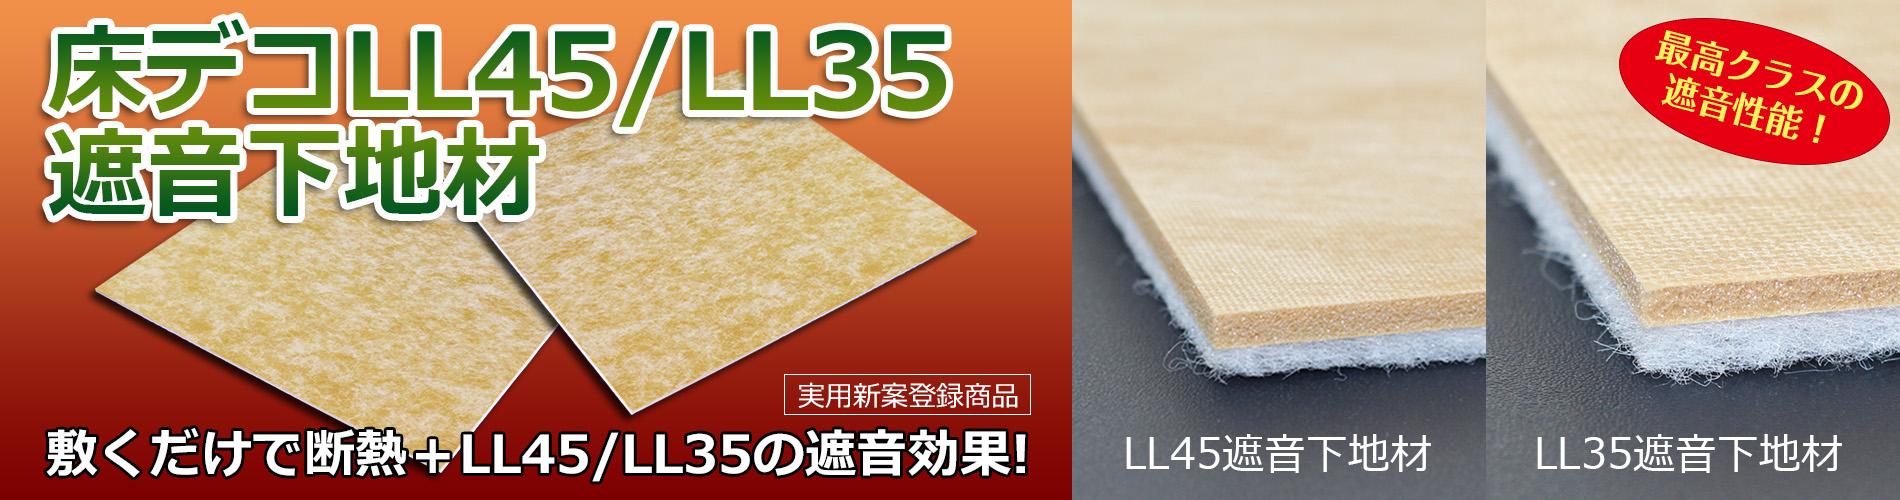 敷くだけで断熱+LL45/LL35の遮音効果 床デコLL45/LL35遮音下地材